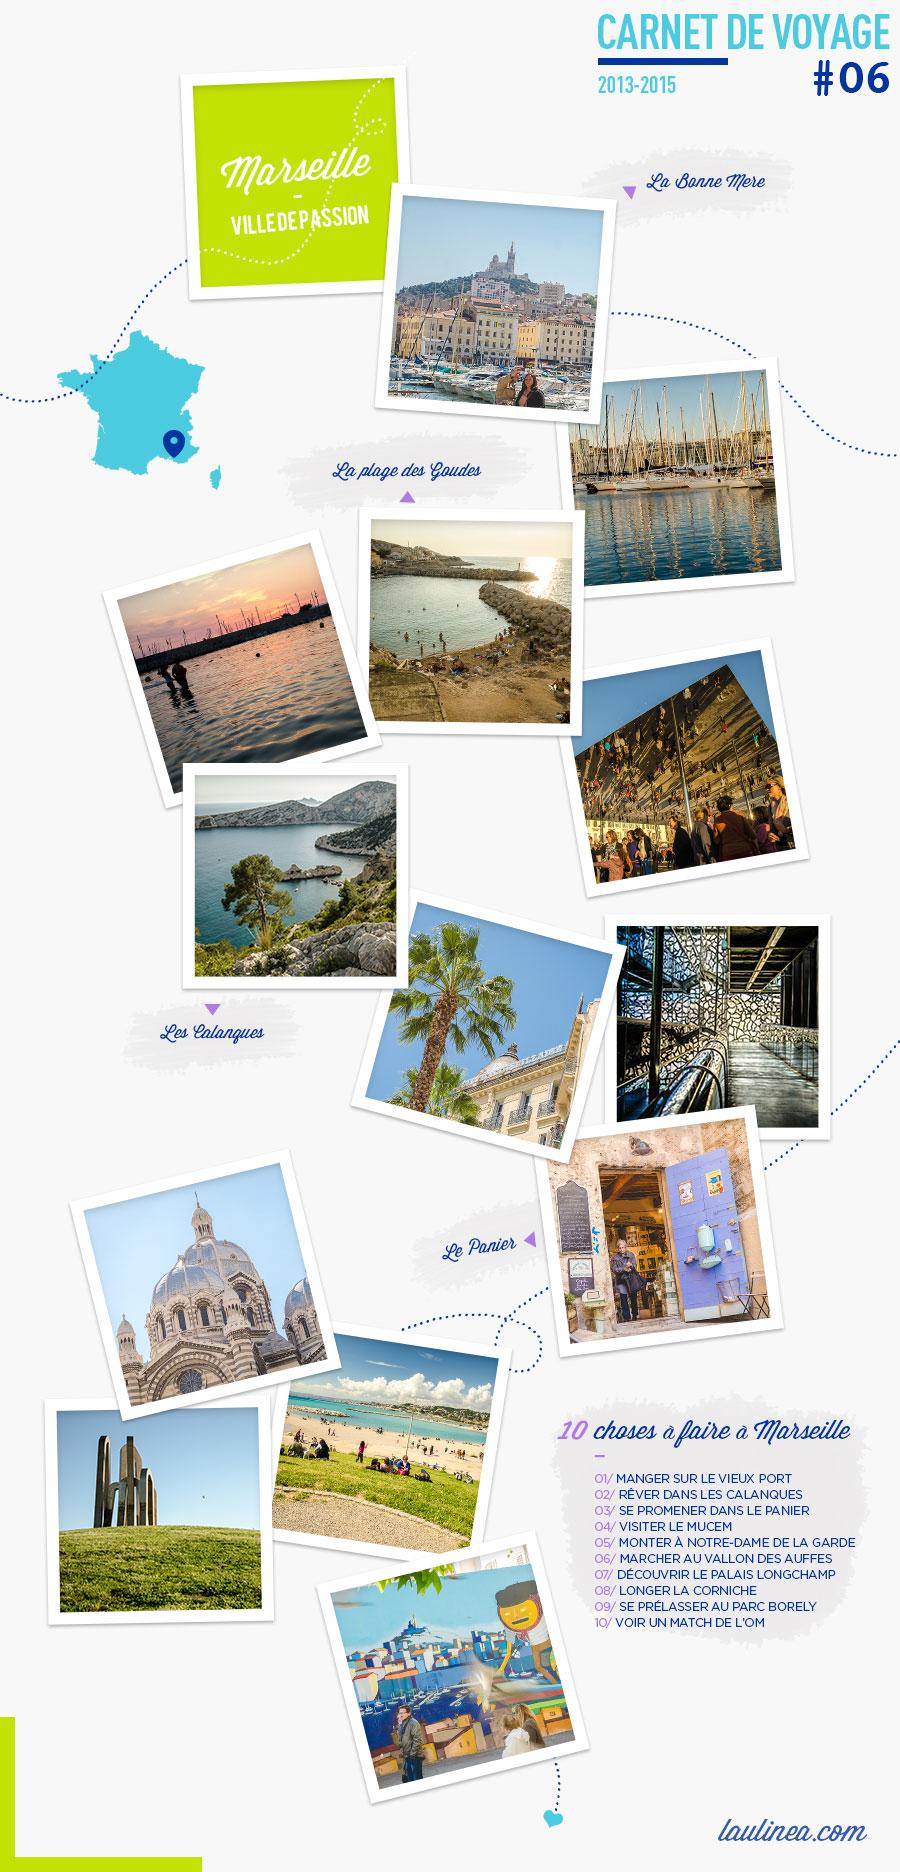 CARNET DE VOYAGE, CITY TRIP, FRANCE, MARSEILLE, PASSION, TOP 10, TOURISME